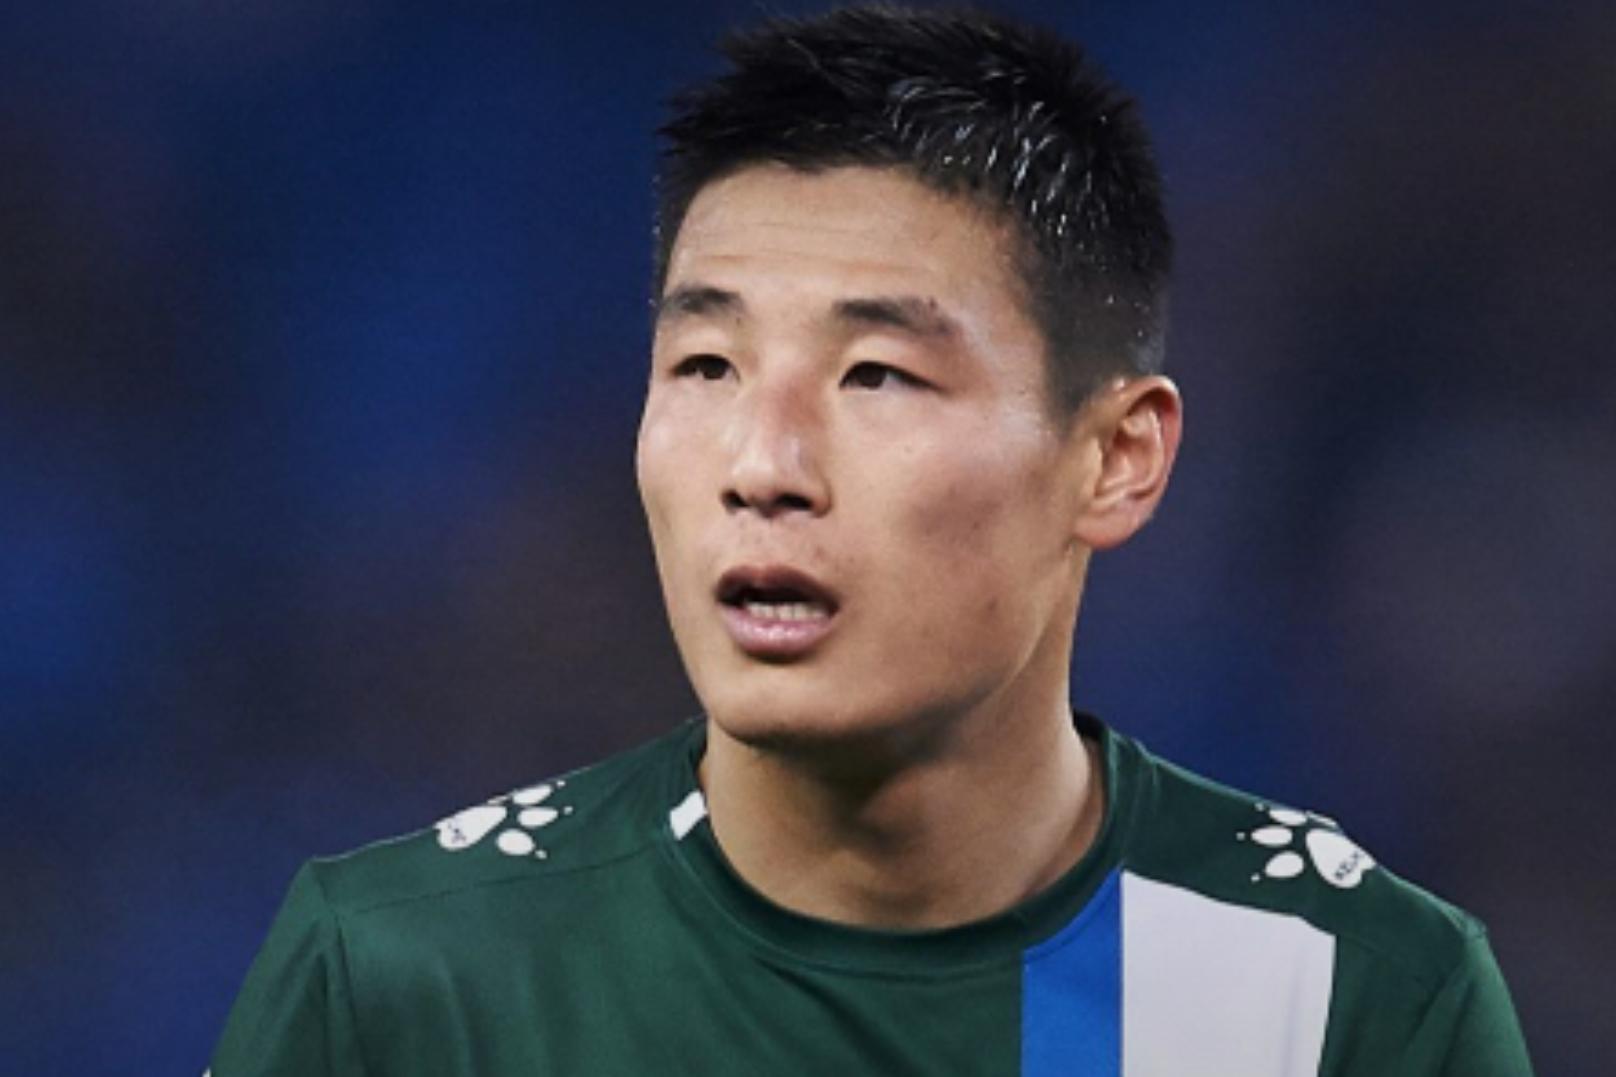 武磊:新赛季的目标就是重回西甲,我已适应西甲节奏-今球app官网